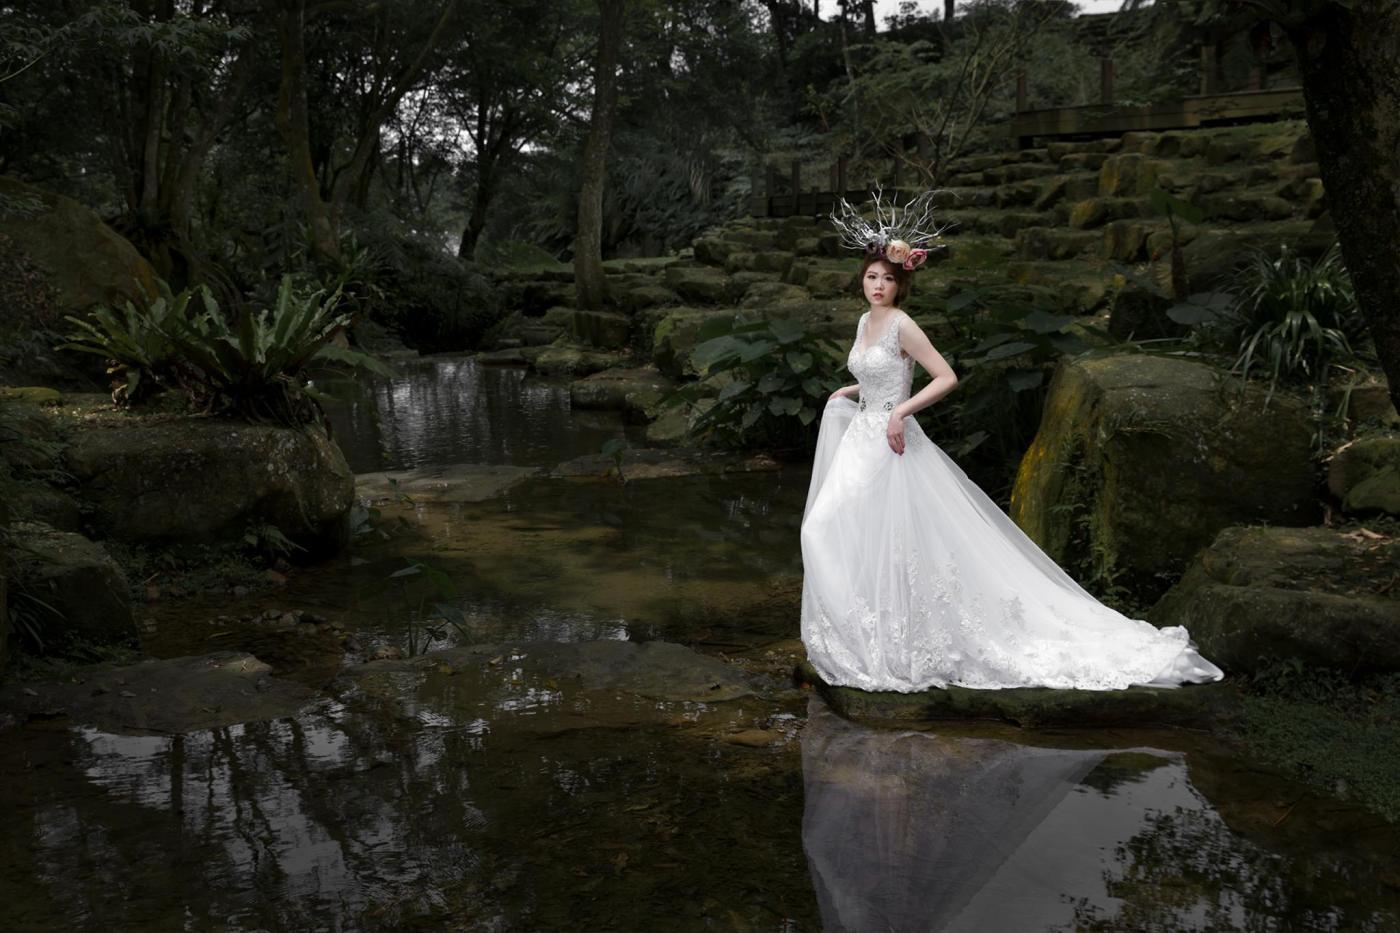 婚紗造型|新娘妝容|花頭飾|白紗|台北新秘|新秘雨晴|陸壹肆影像工作坊|EASTERN WEDDING